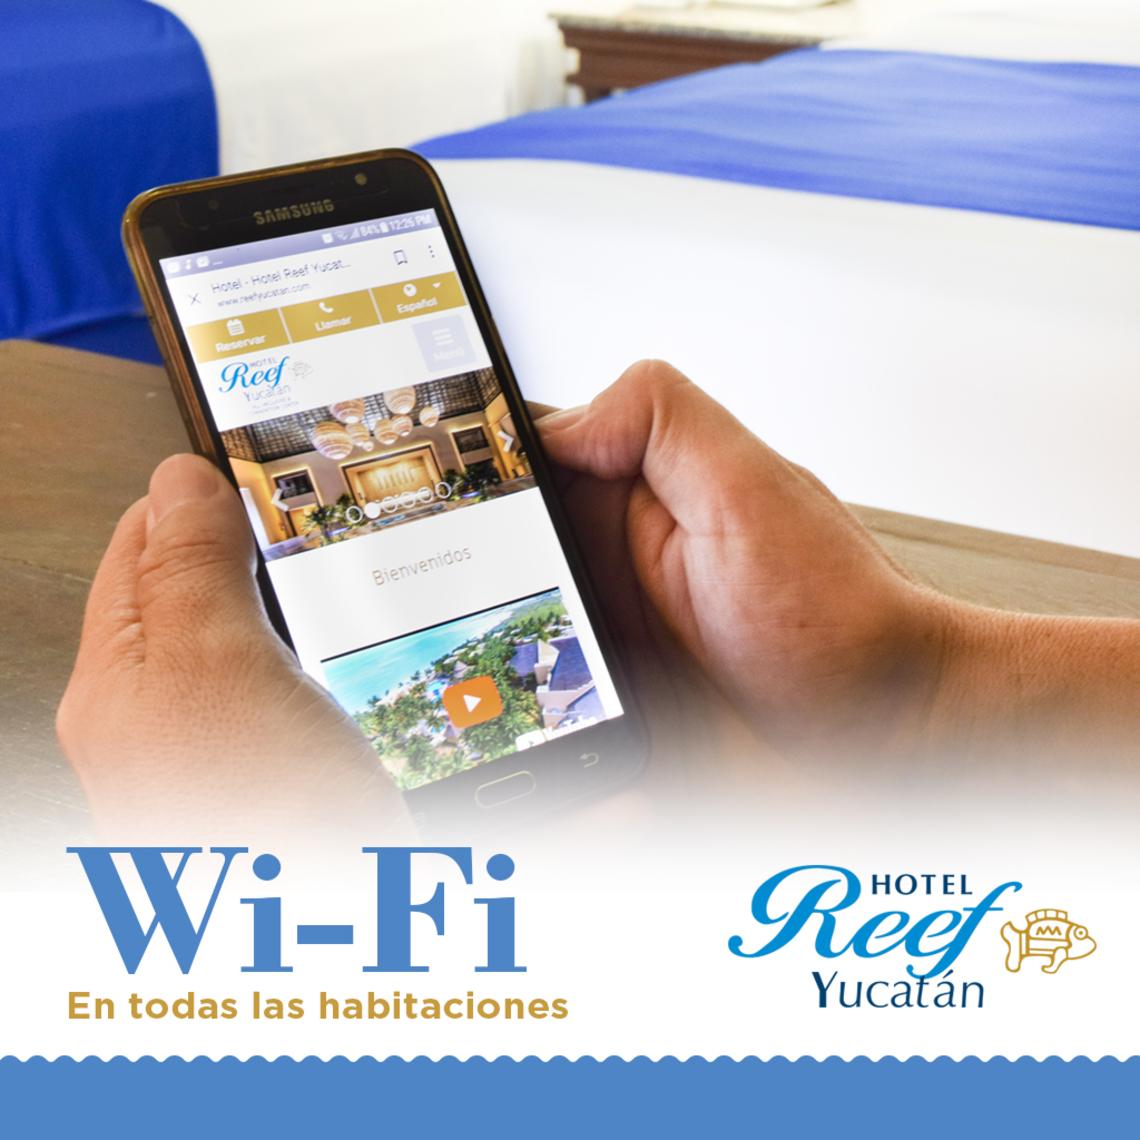 Habitaciones con Internet en la playa